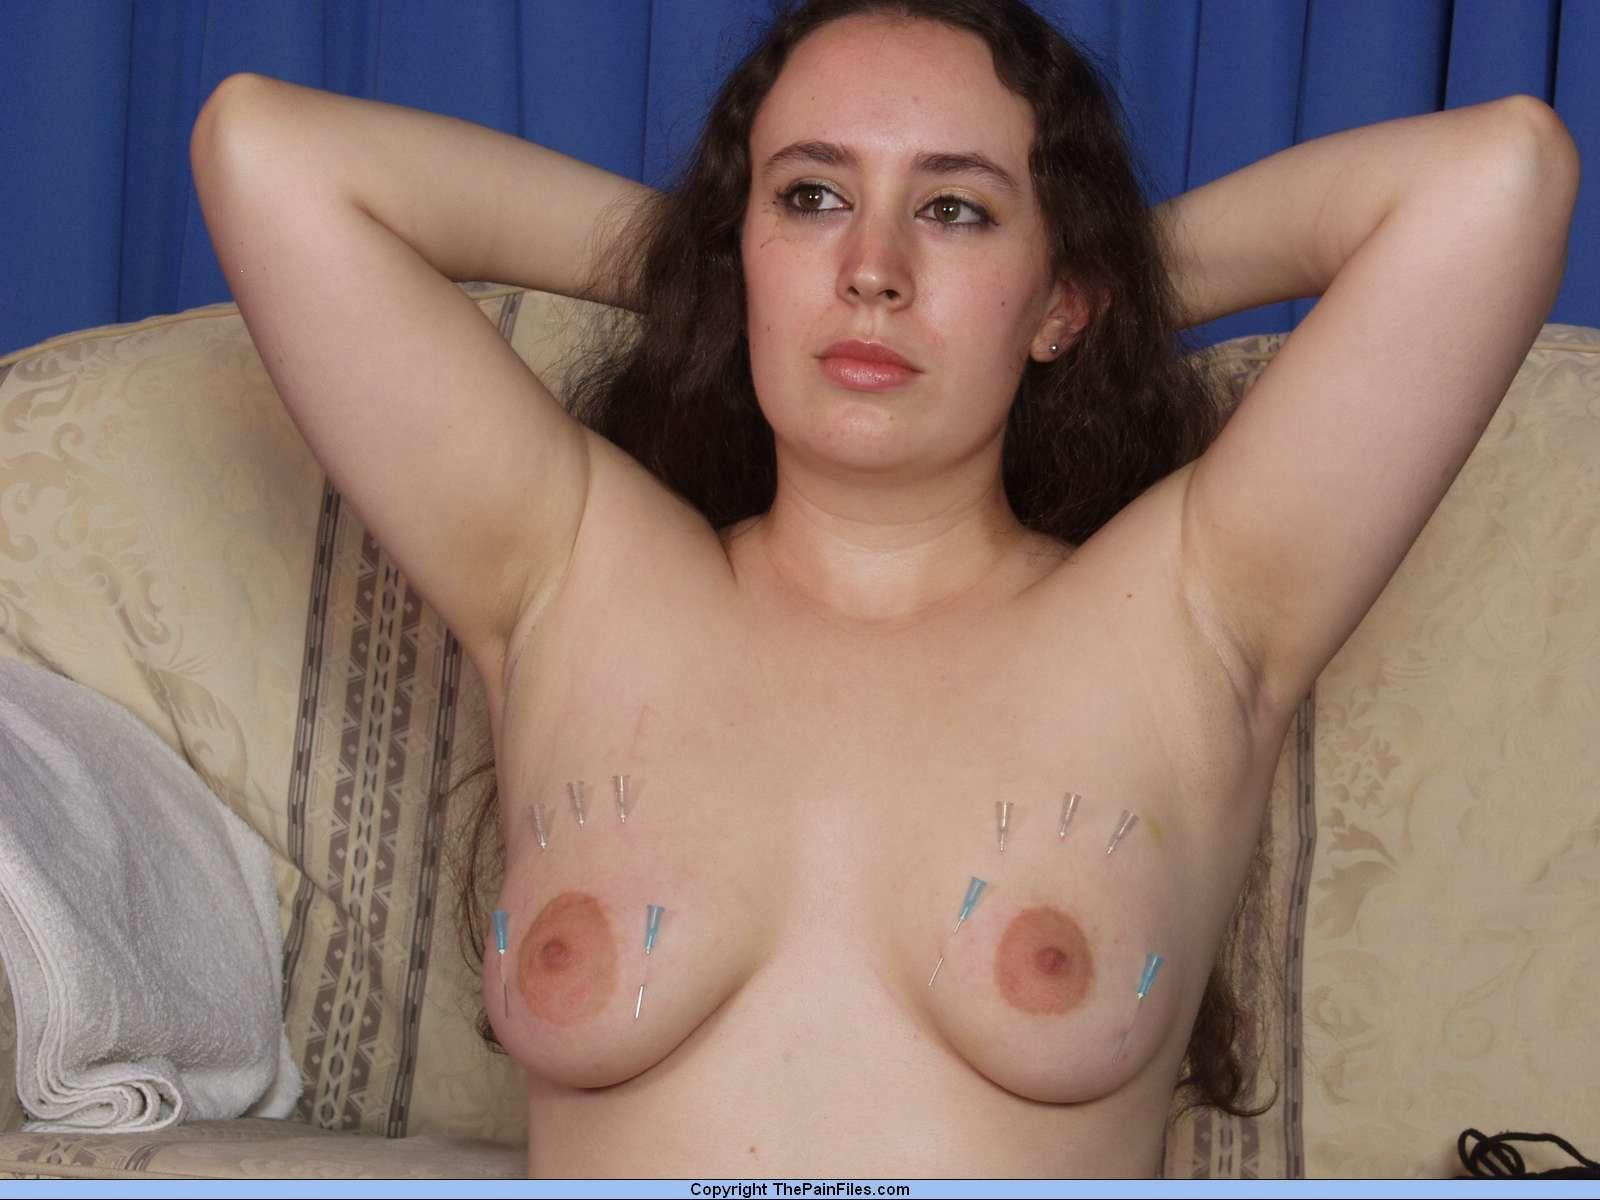 adriel sucking her own cock